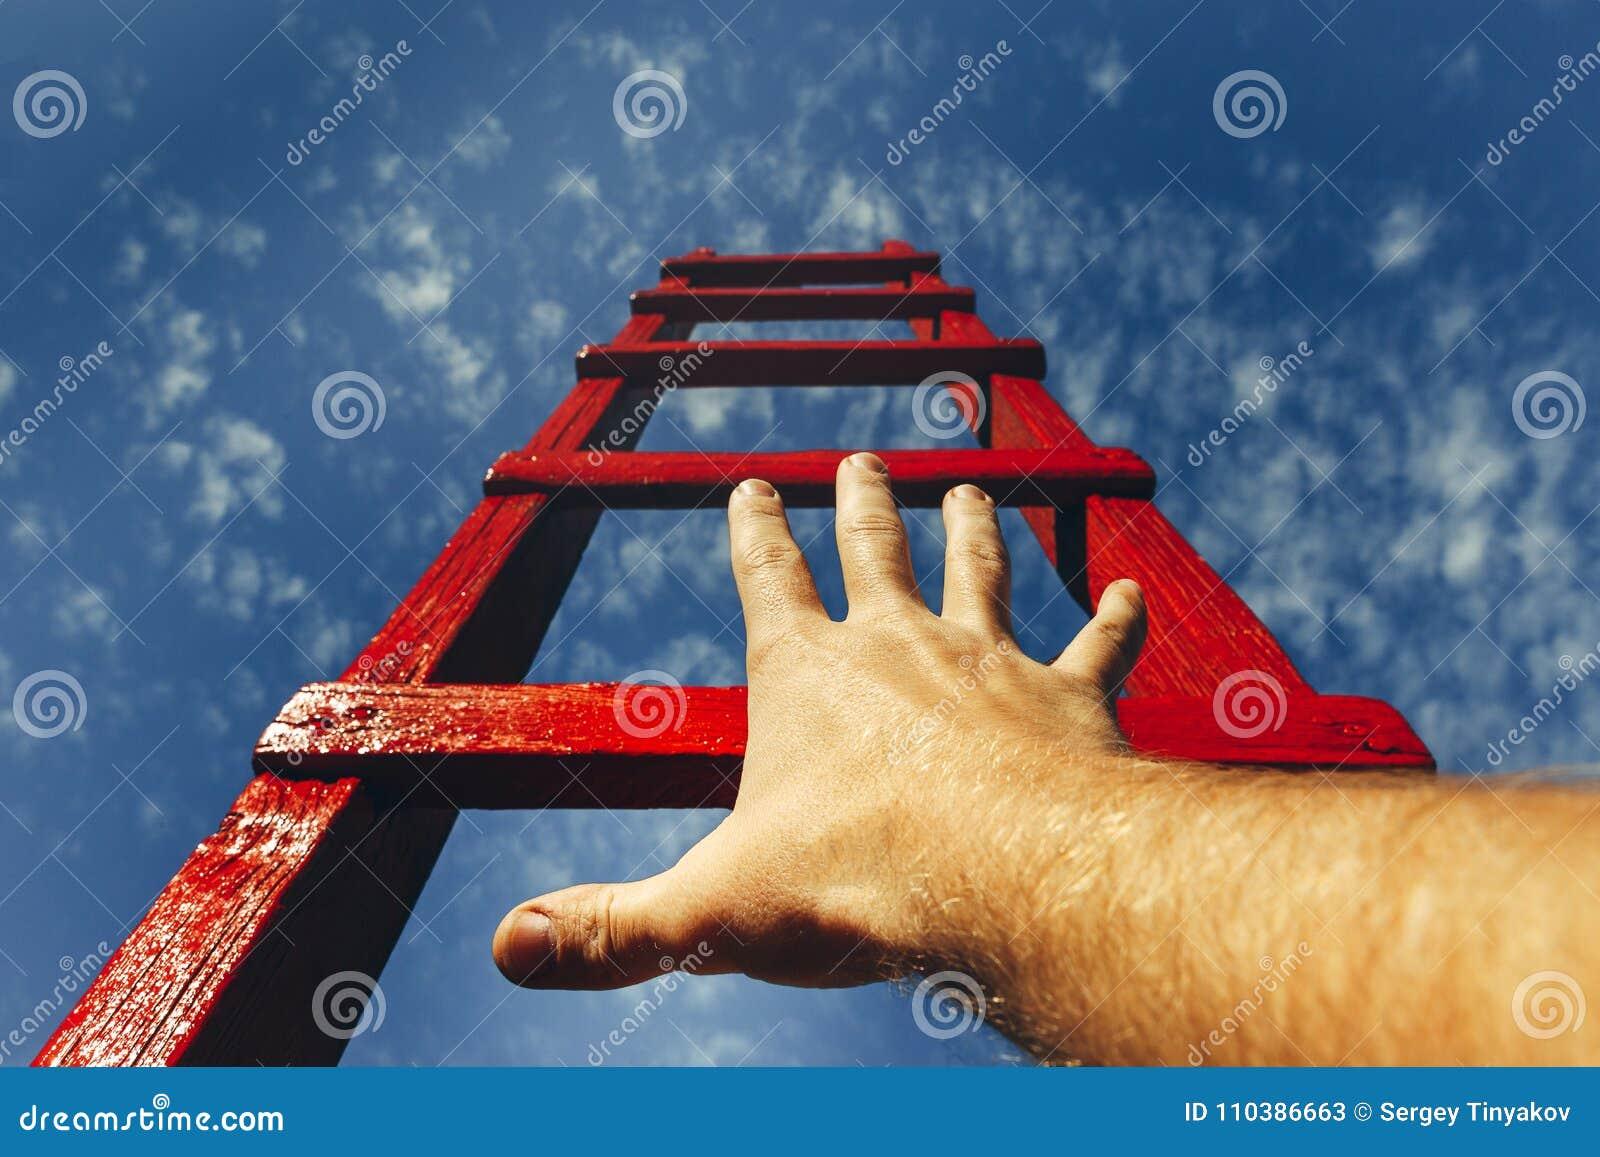 Concept de croissance de carrière de motivation de développement Équipe la main atteignant pour l échelle rouge menant à un ciel